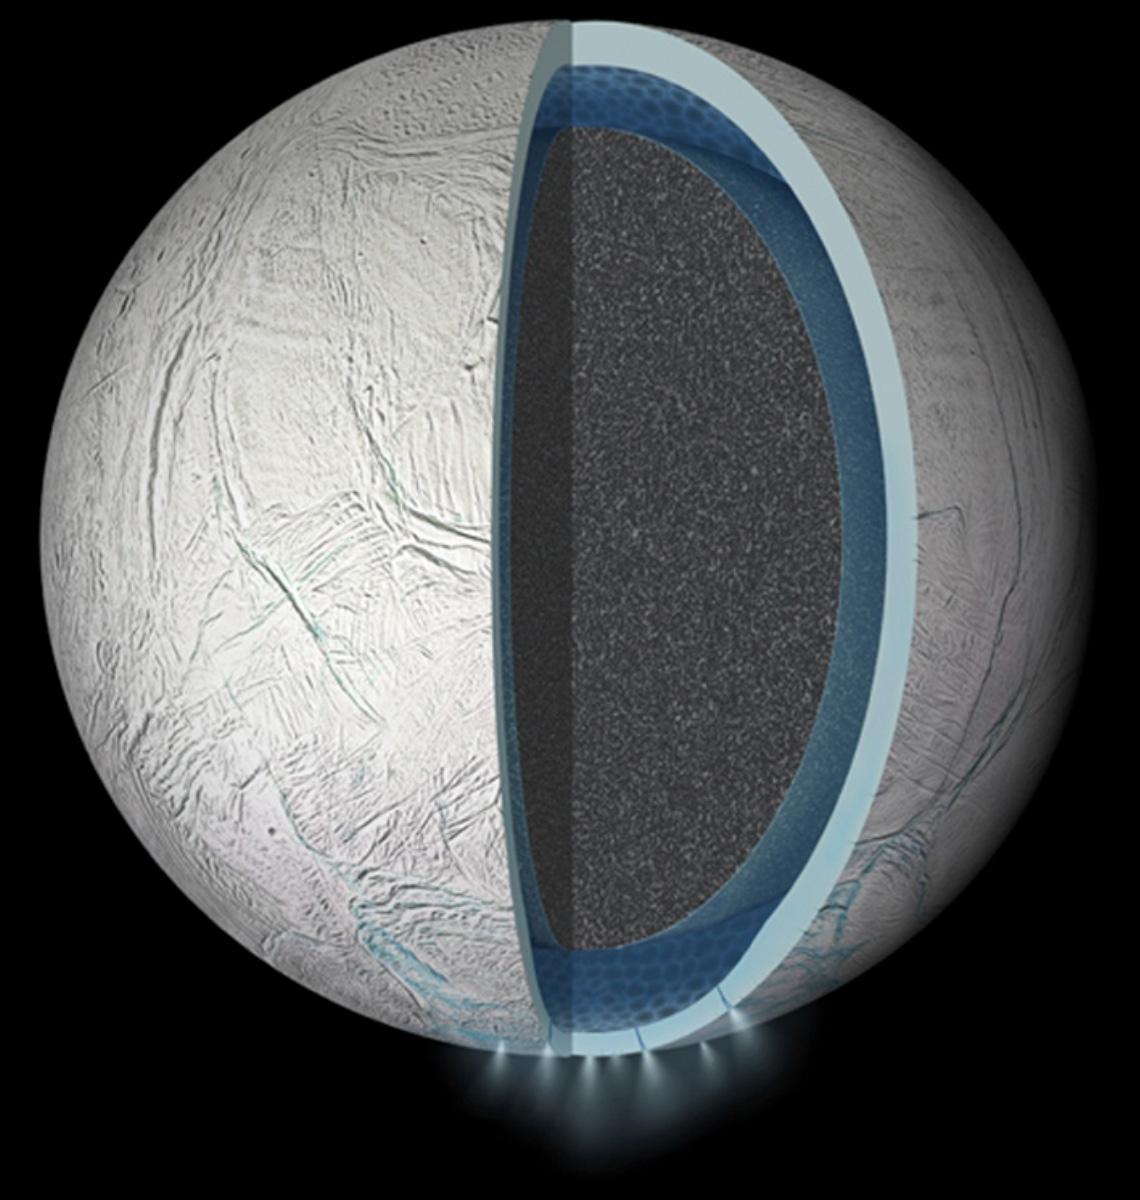 Enceladus is Simpler